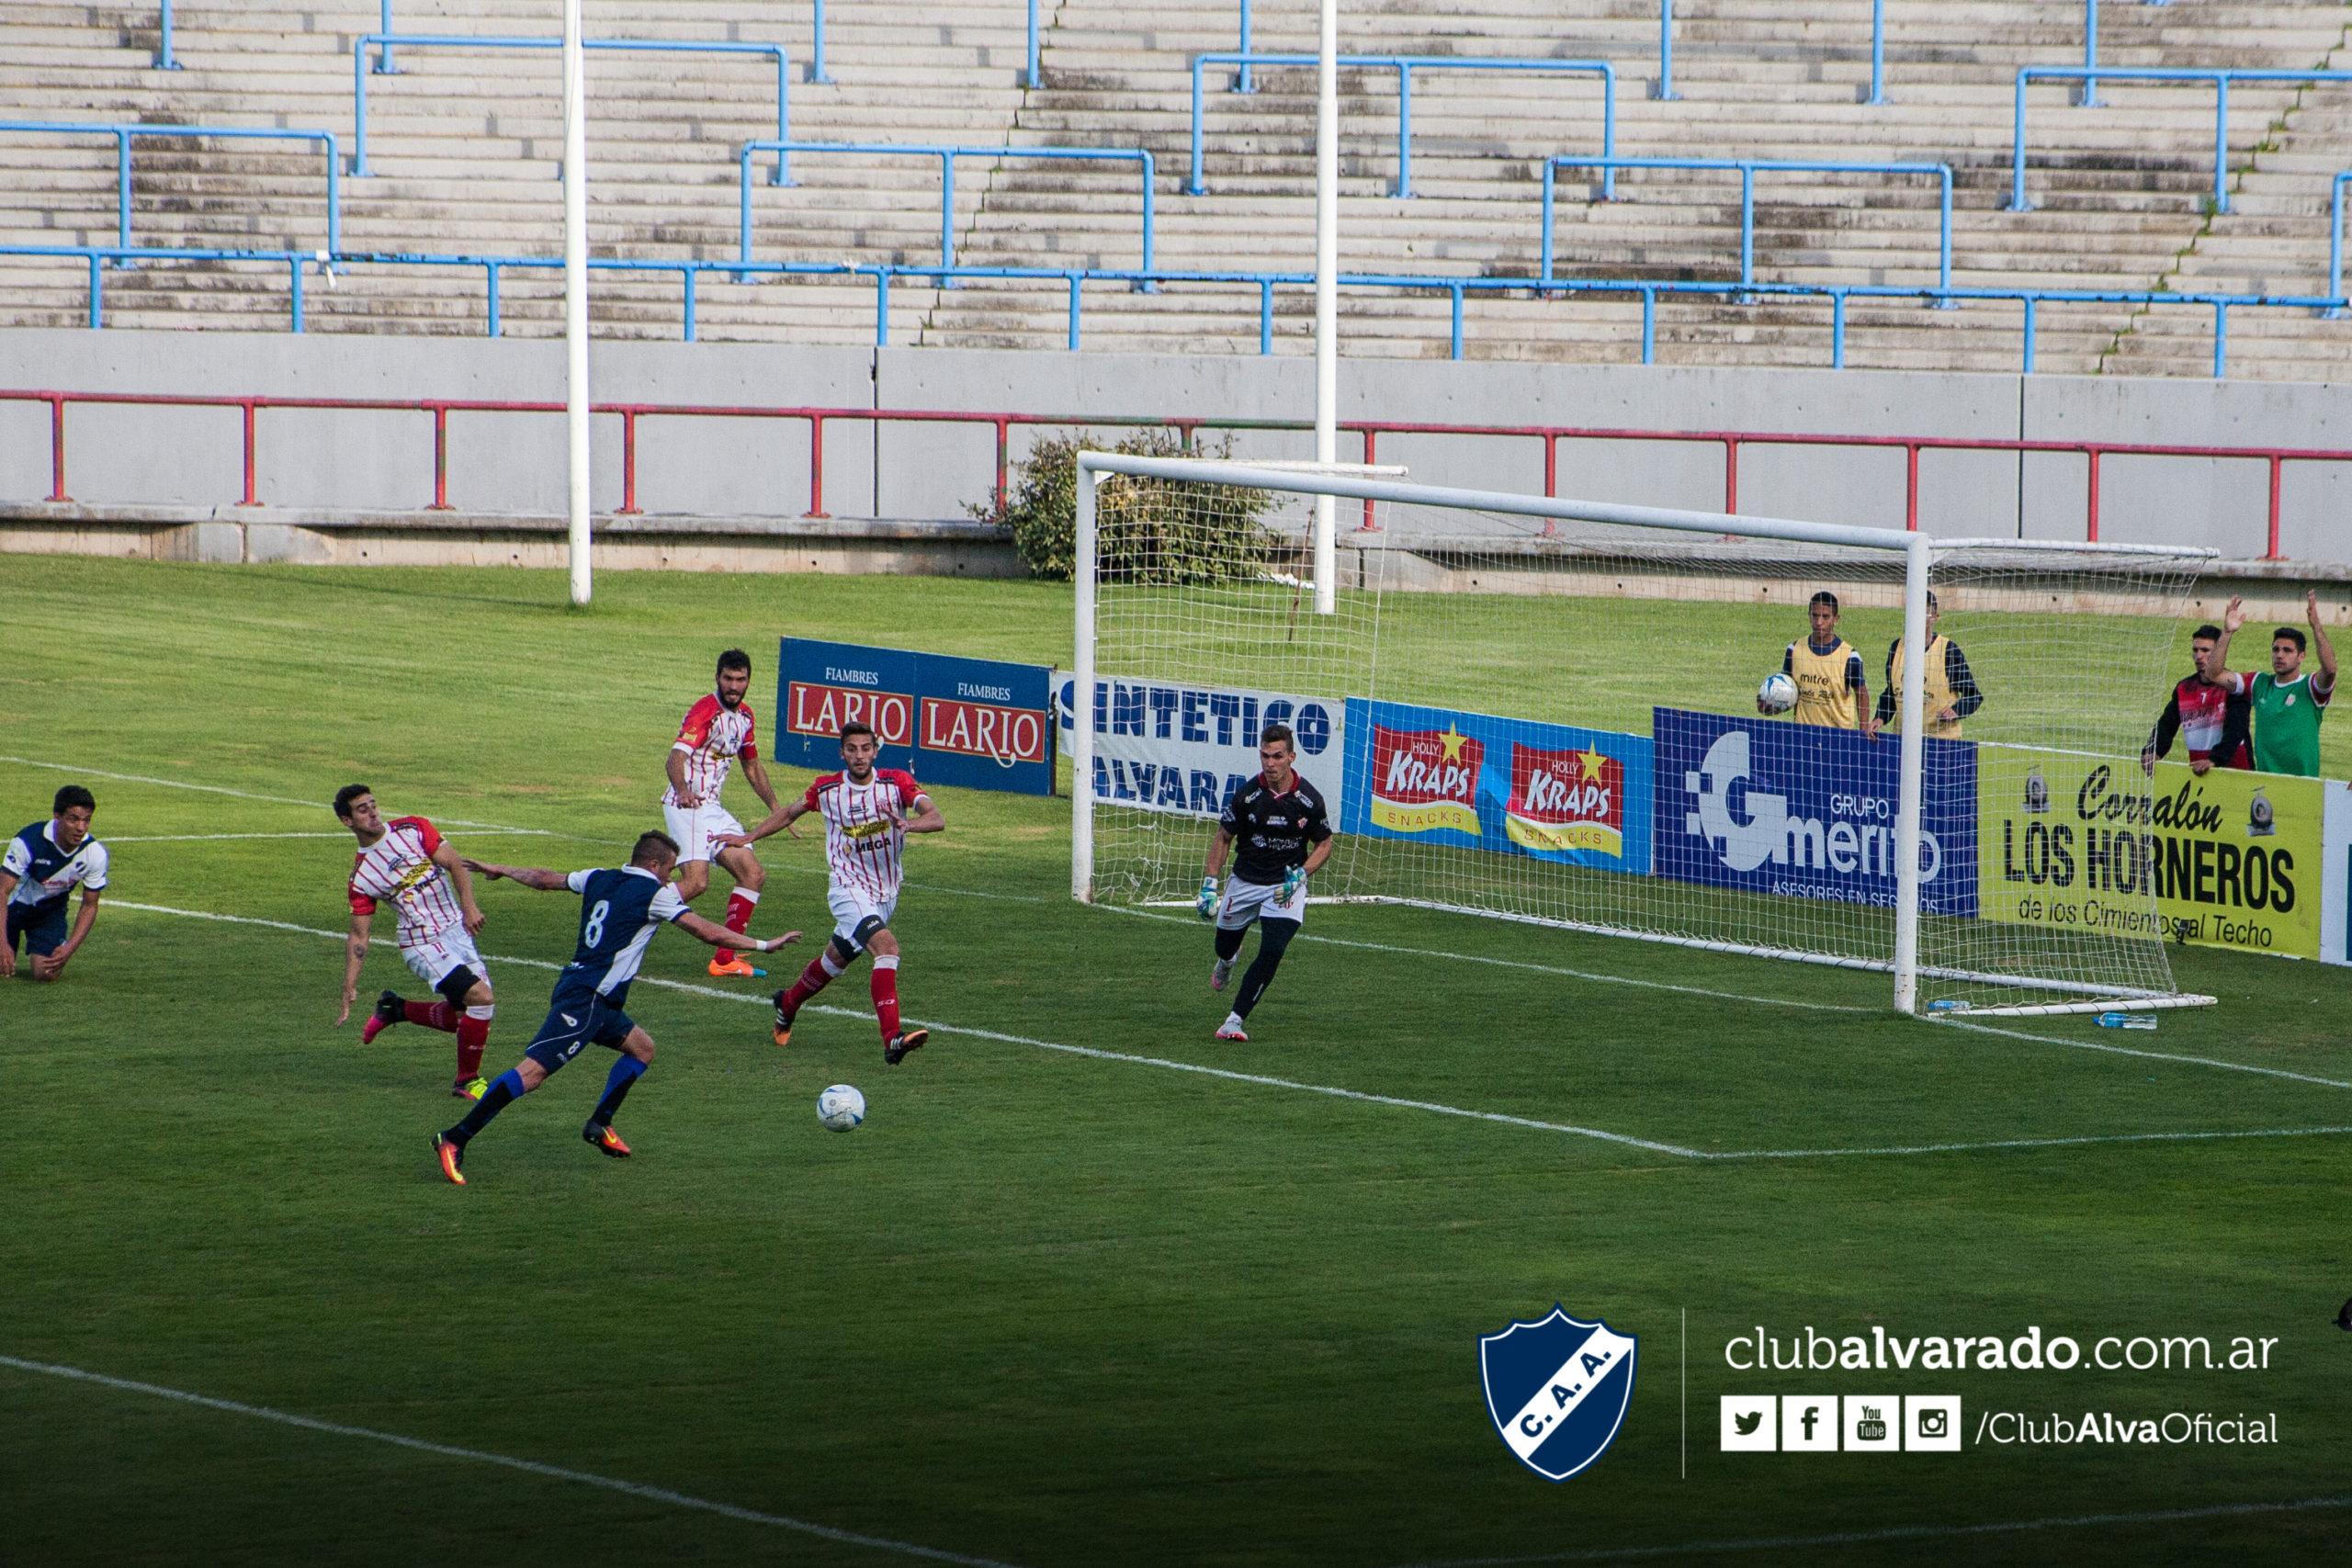 Alvarado sigue ganando en casa y se encamina al número 1 (Foto: Rubén Sánchez - Club Alvarado)